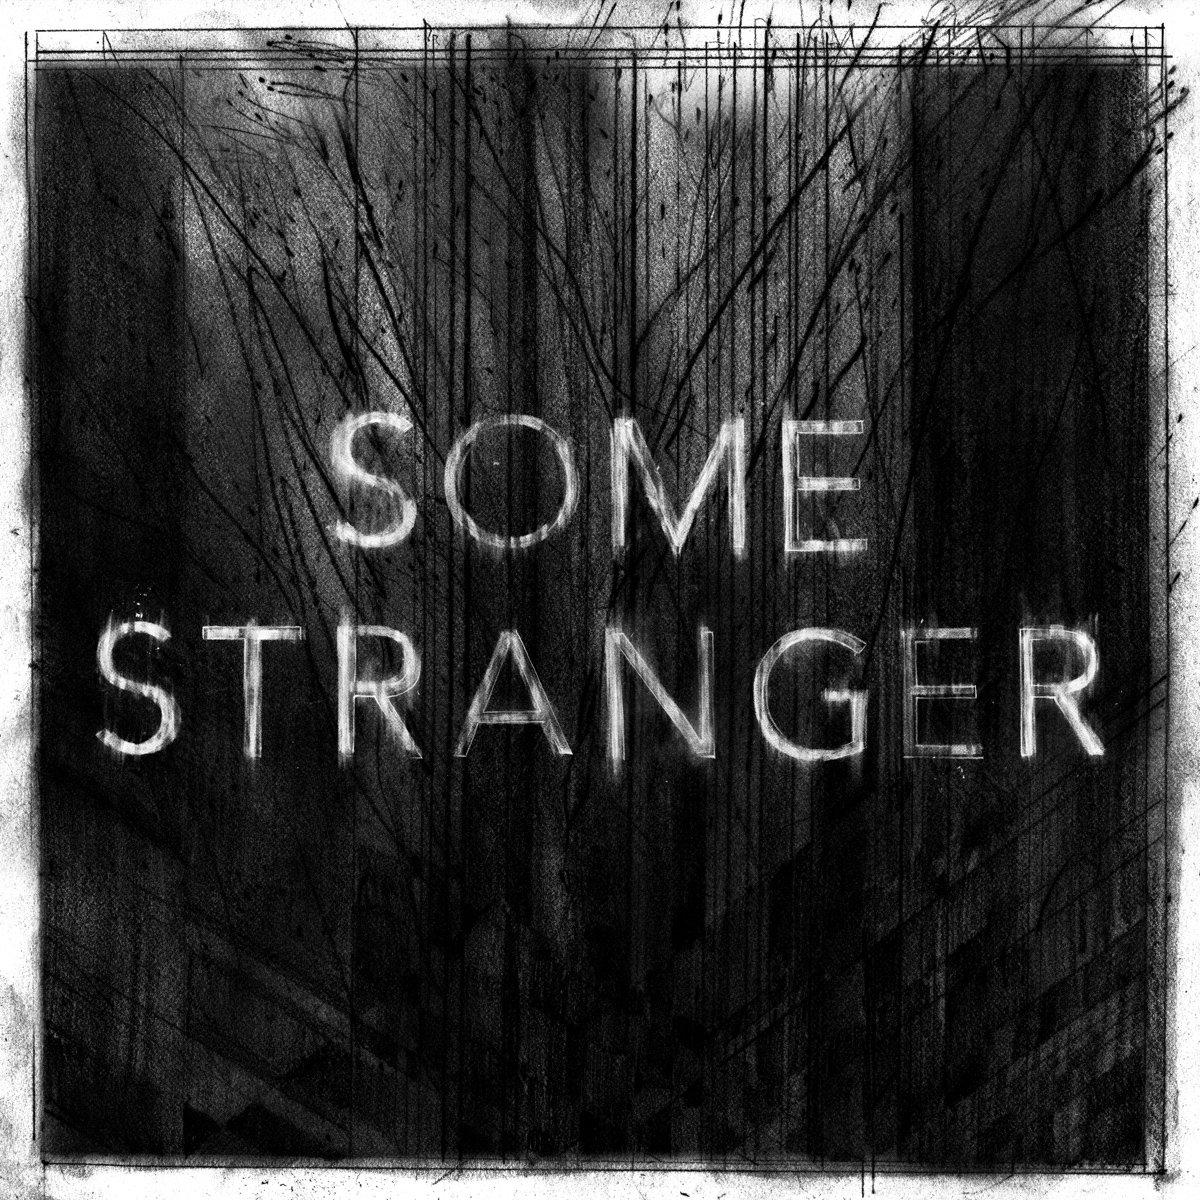 Some Stranger - S/T 12